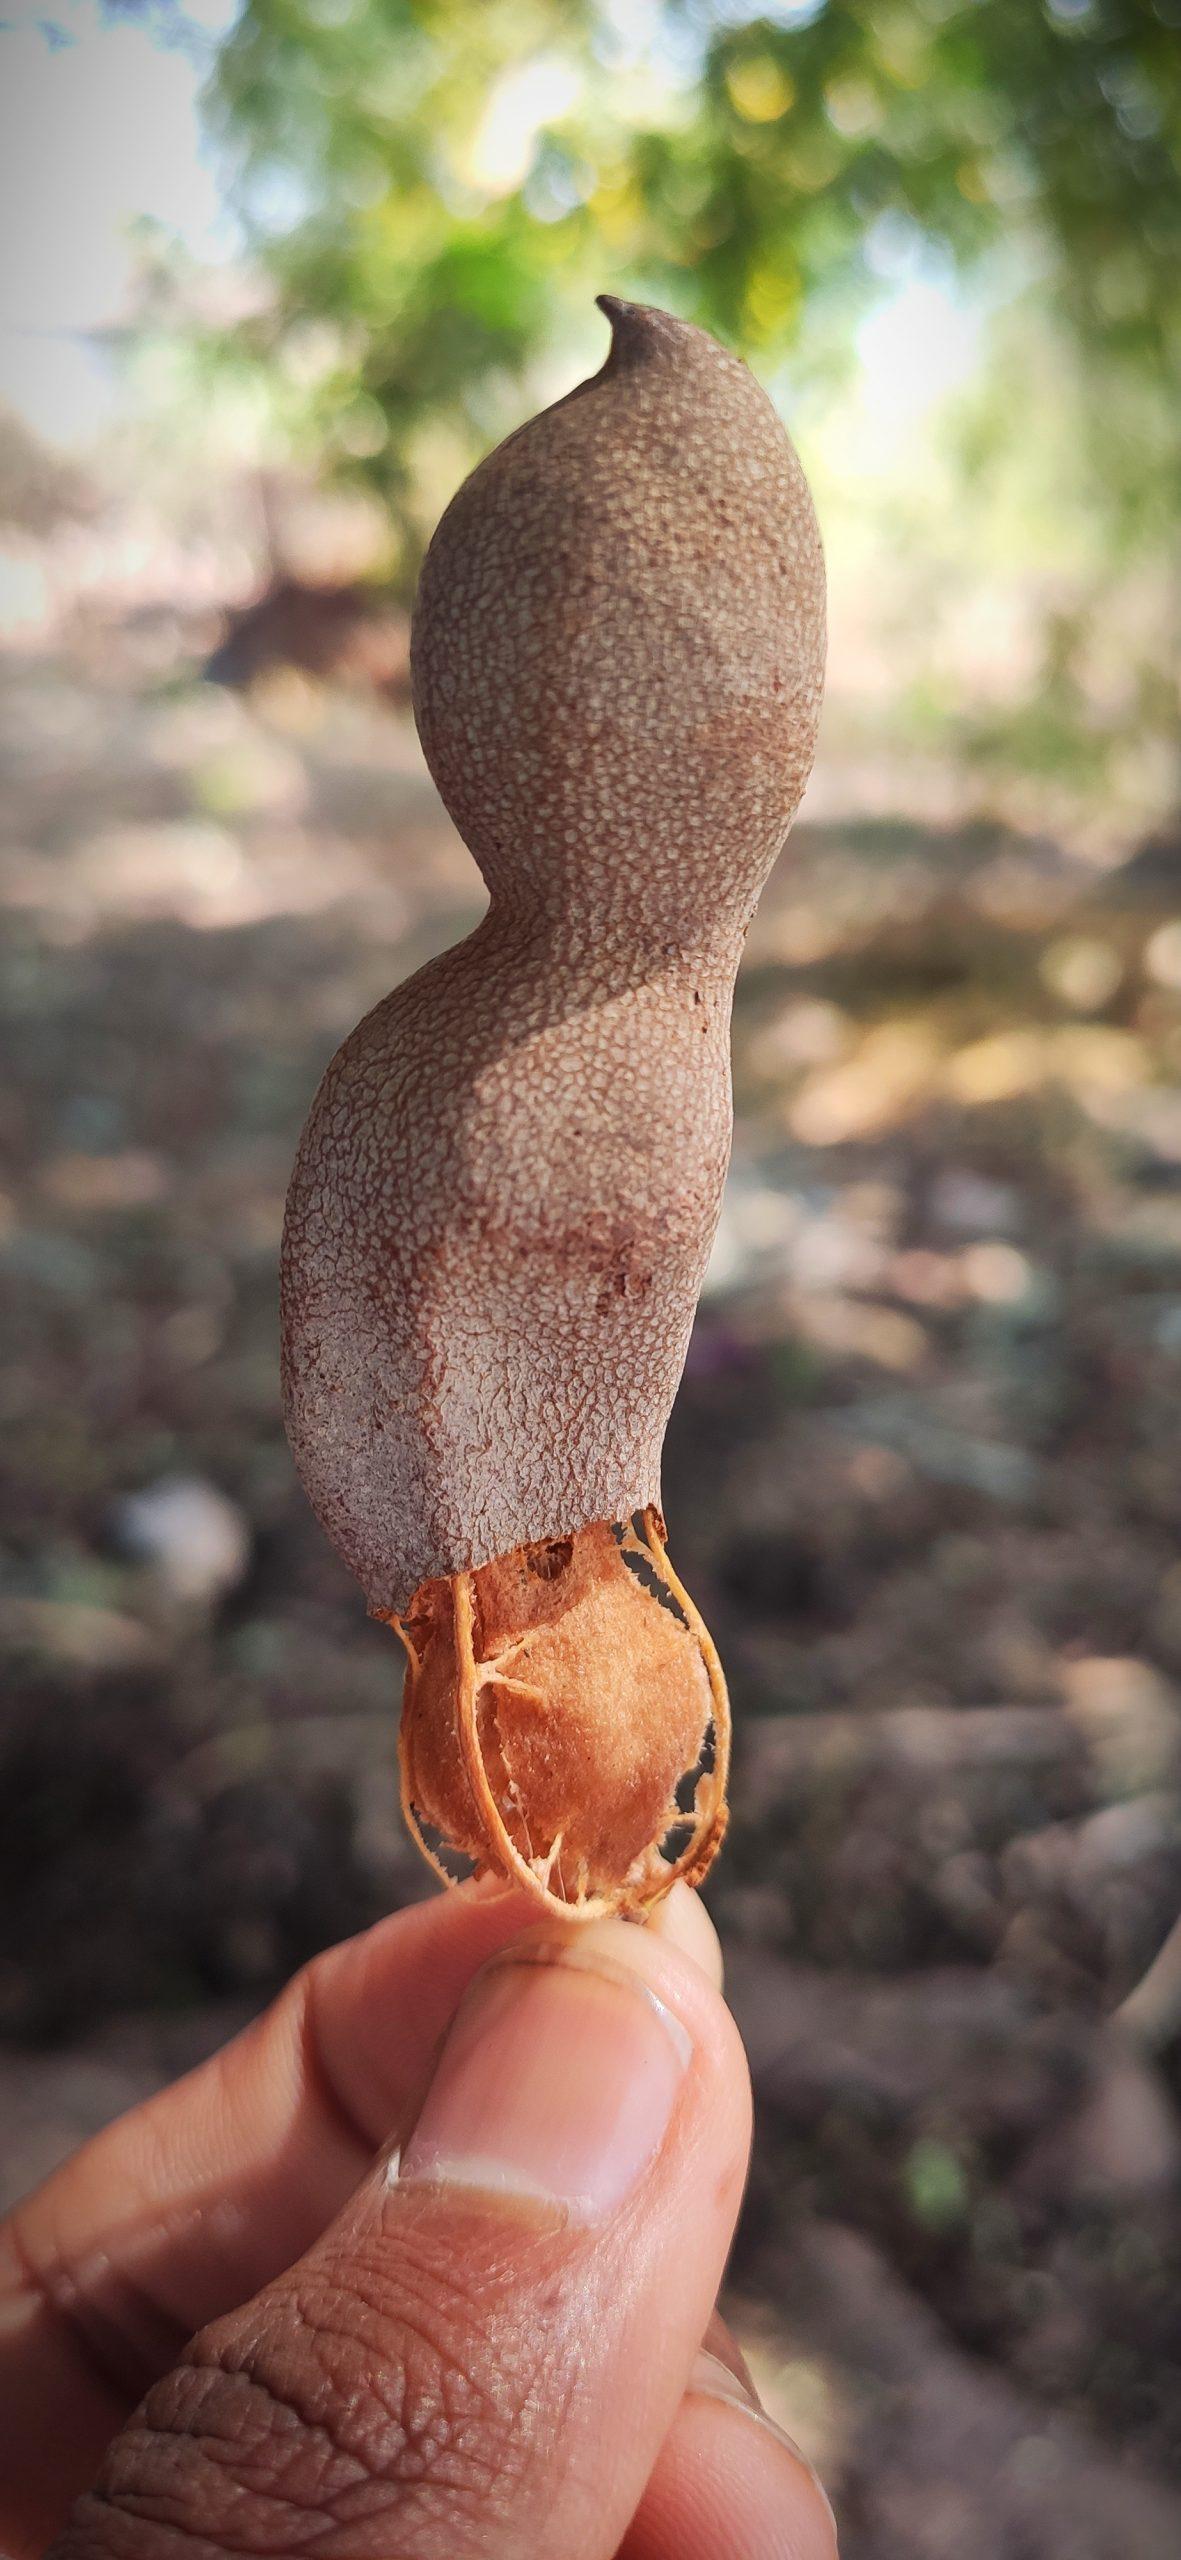 Tamarind in hand